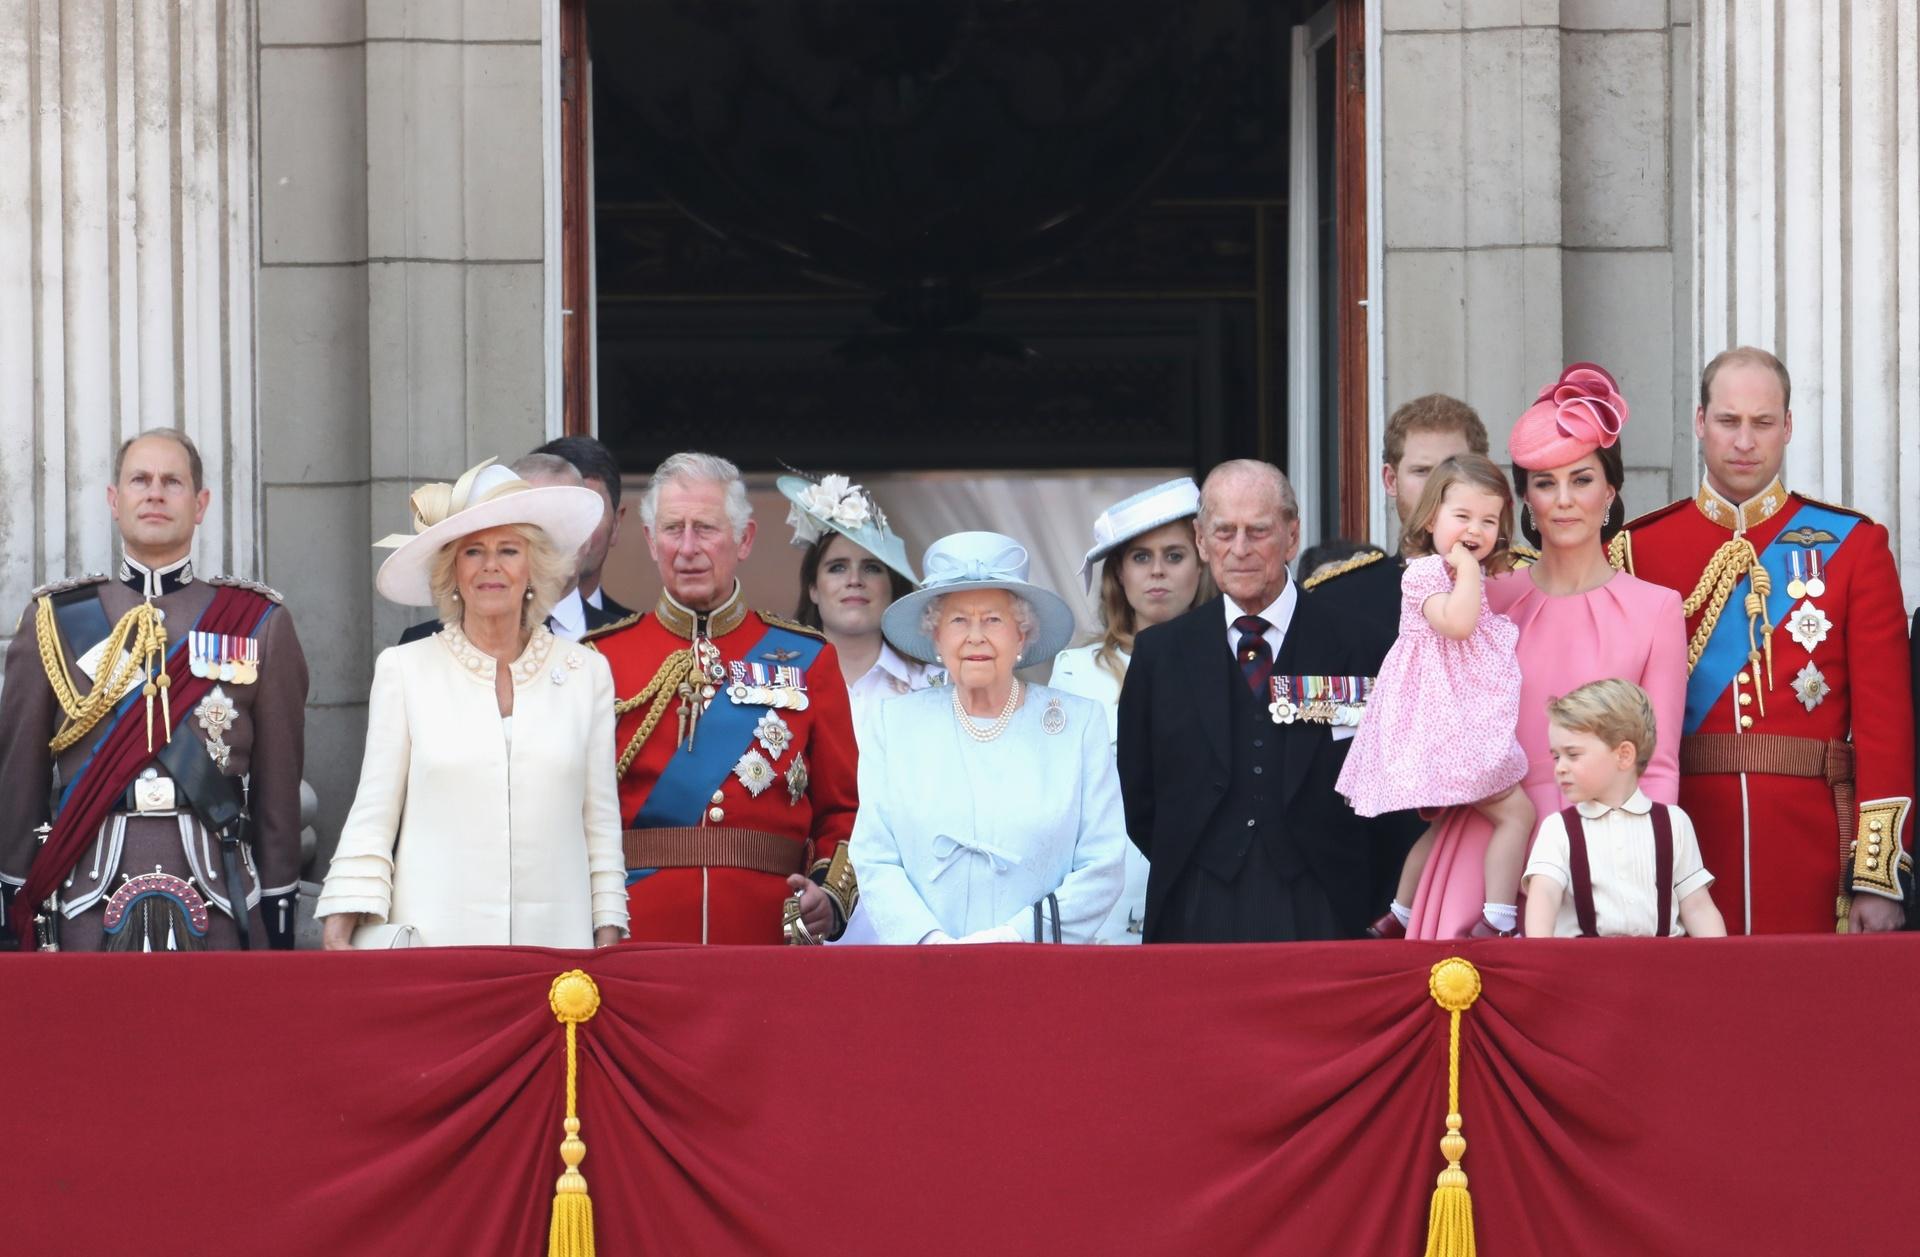 Noch immer stehen Königsfamilien an der Spitze europäischer Länder. Allen Krisen und Skandalen zum Trotz sind sie beliebt wie selten zuvor. Wie konnten diese Monarchien bis heute überdauern?  ©ZDF/Chris Jackson; Getty Images